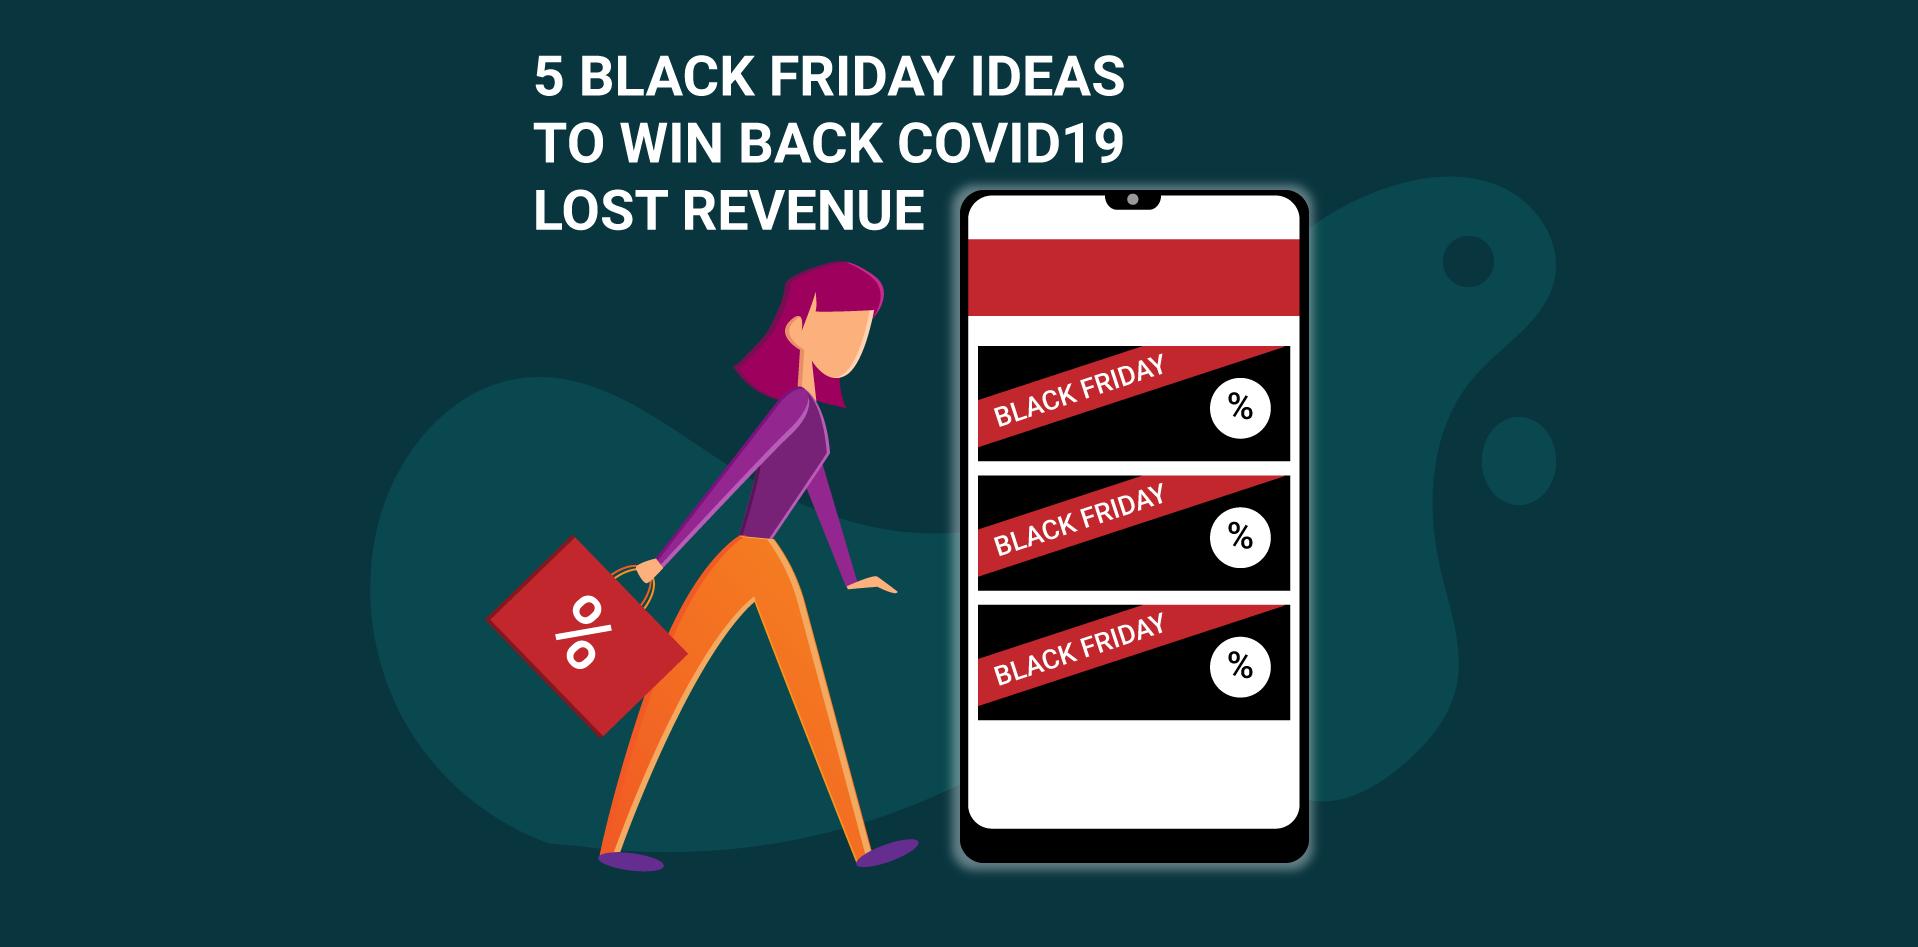 Black Friday Ideas to win back COVID19 lost revenue